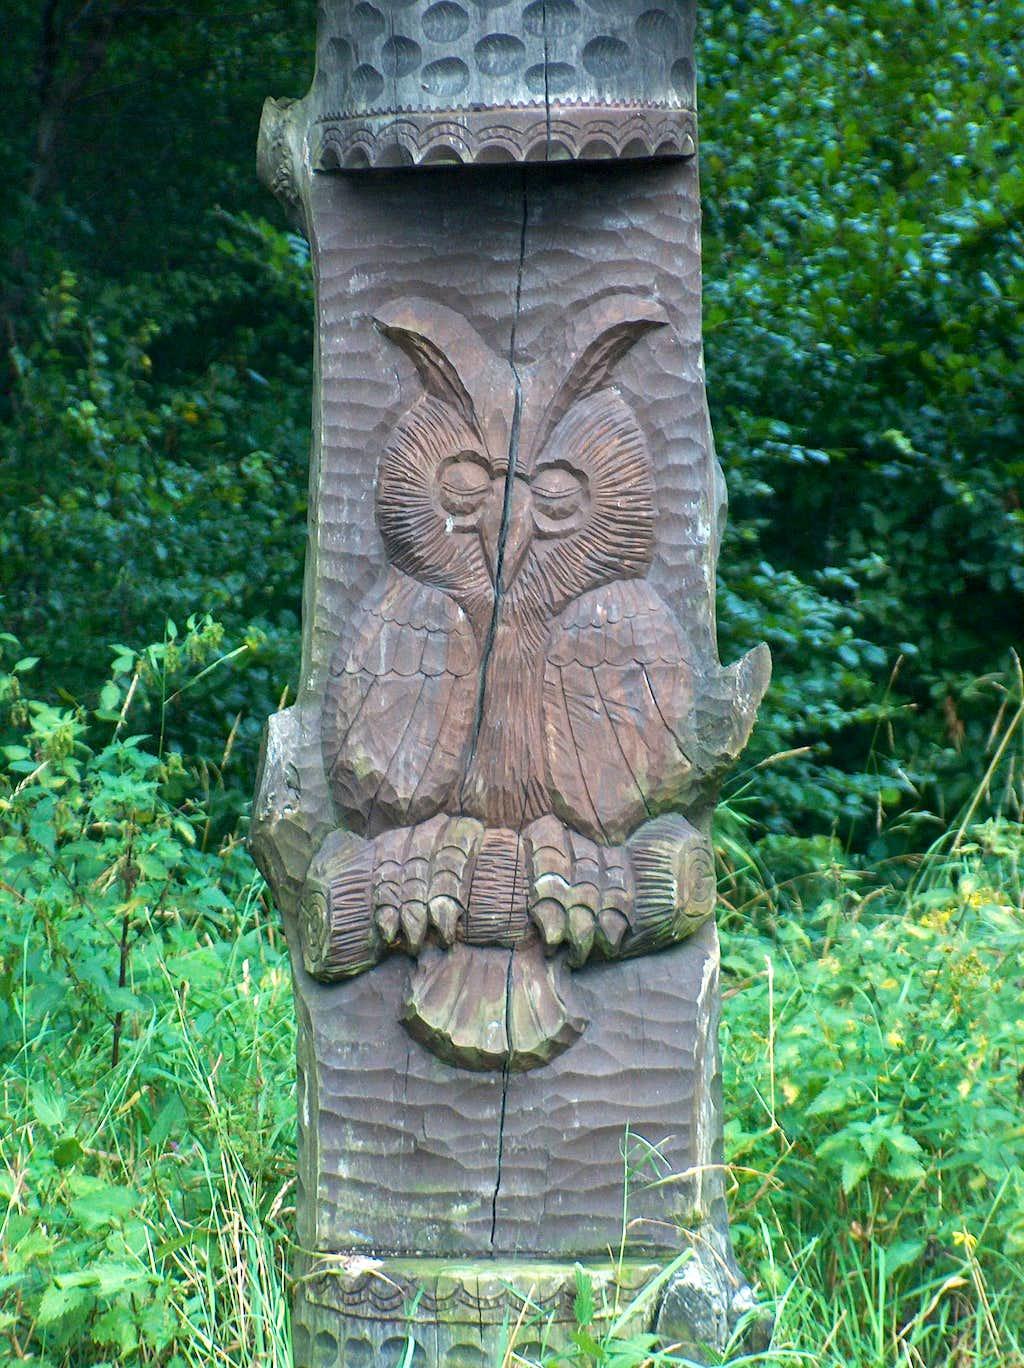 Wielka Sowa's Owl statue